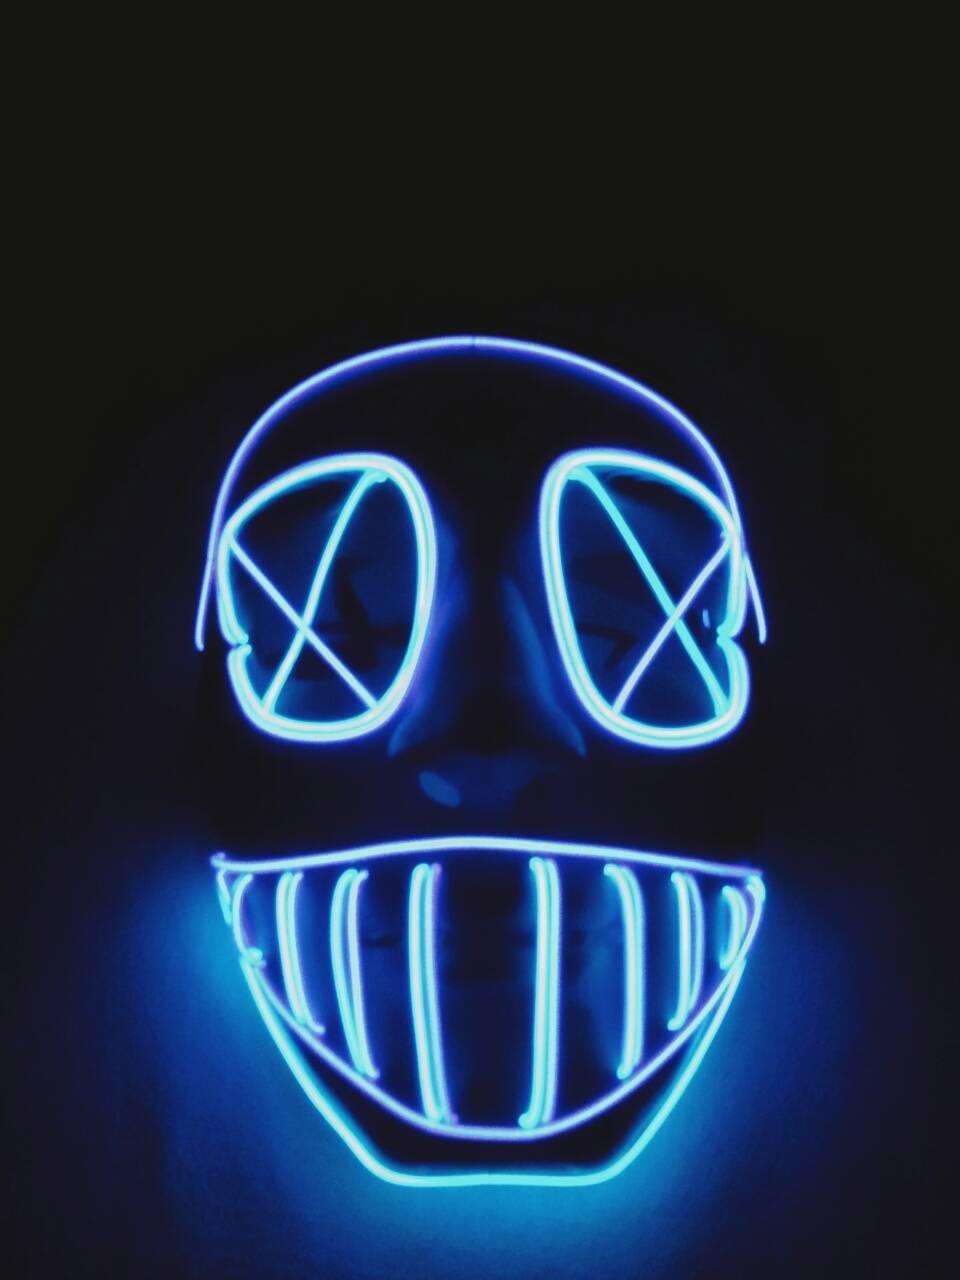 Светящаяся маска лицо (LED mask). Маска на Хэллоуин Глаза кресты. - Хороший подарок  в Киеве